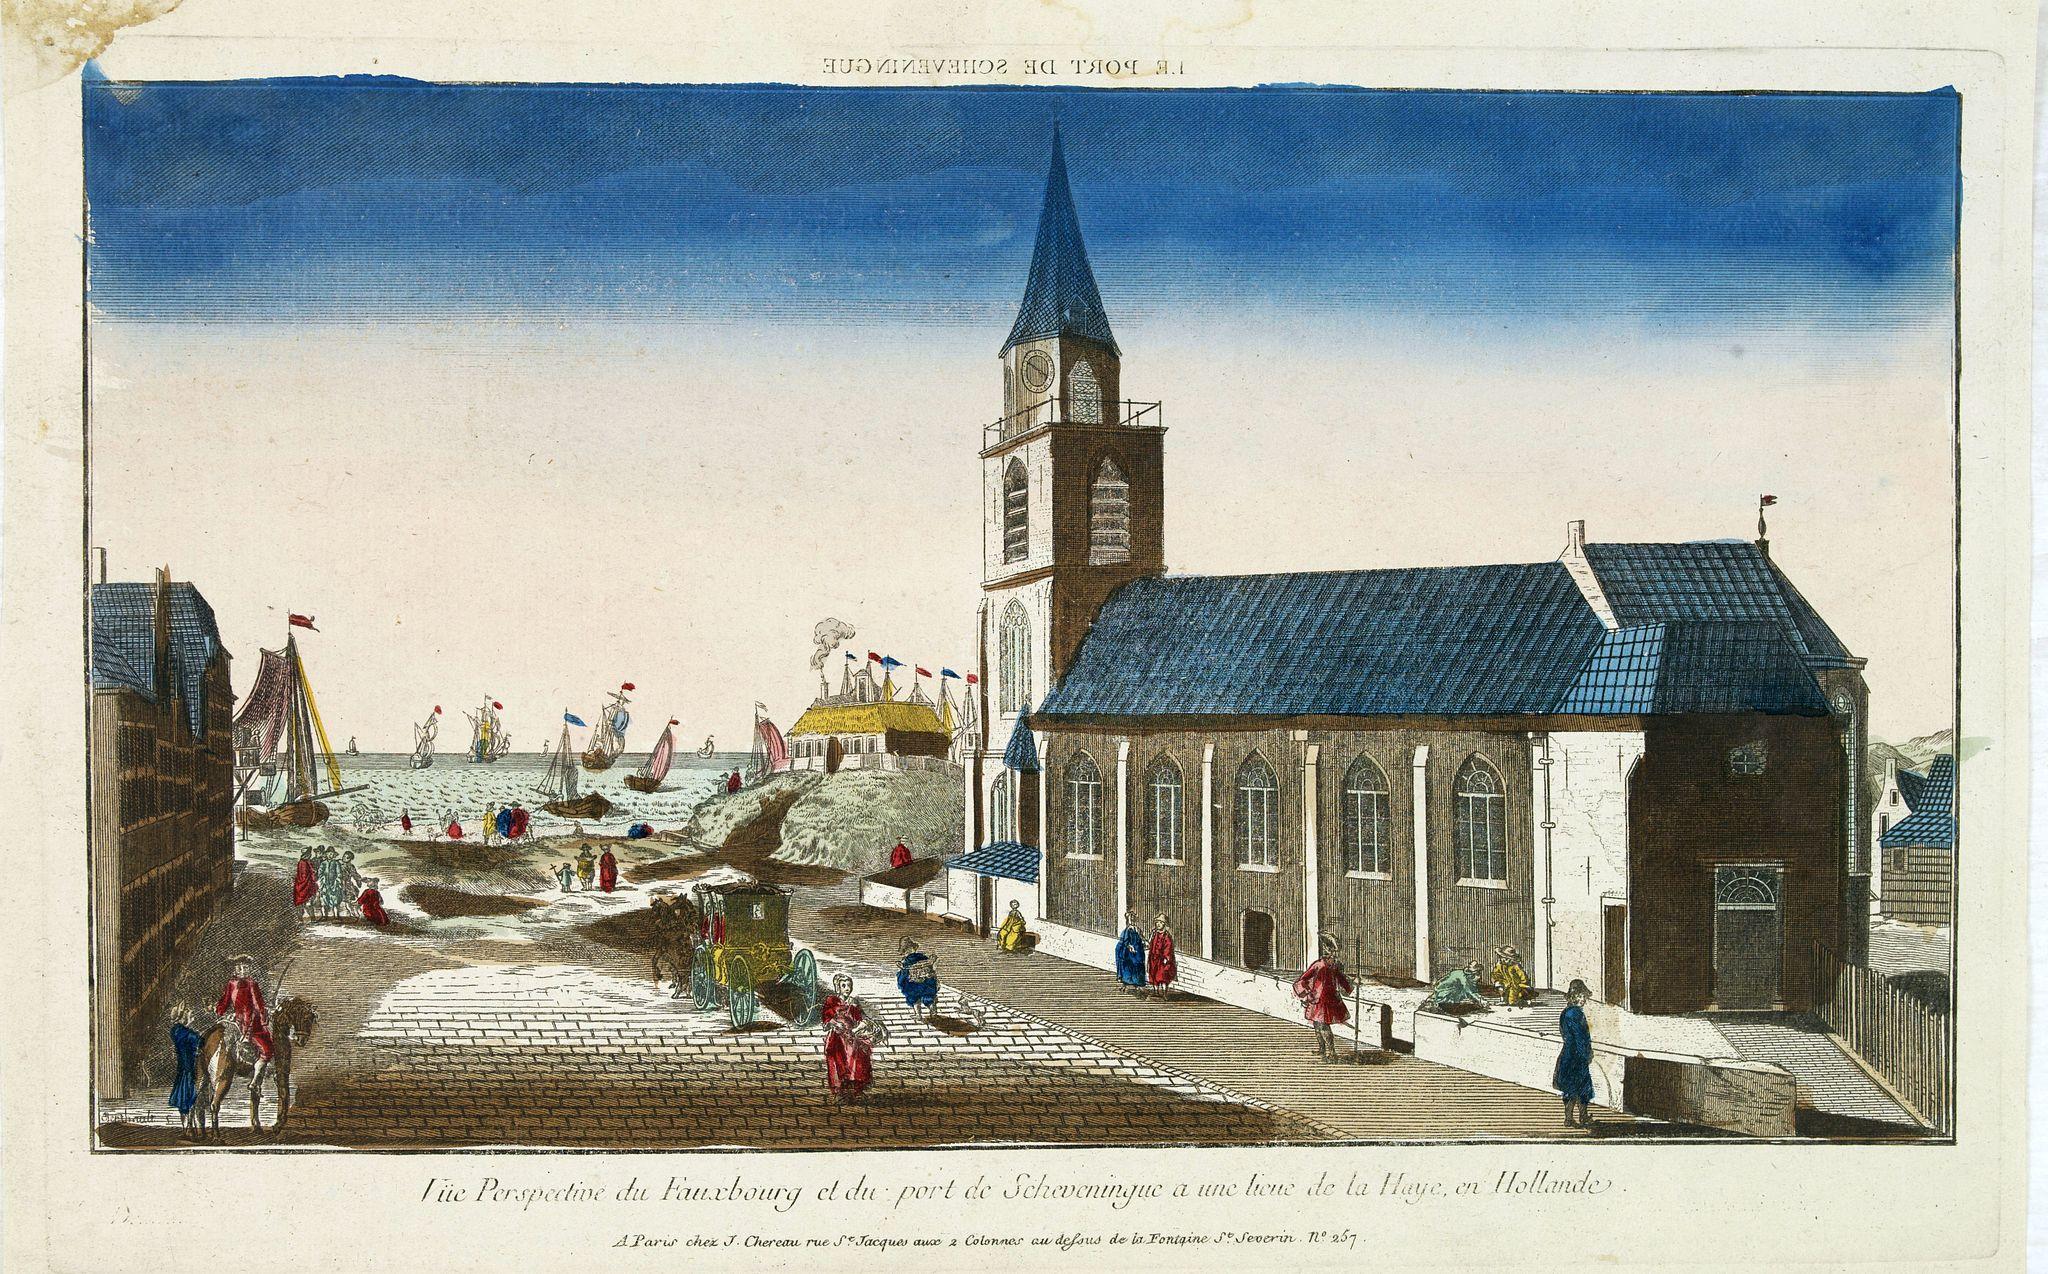 CHEREAU, J. -  Vue perspective edu fauxbourg et du port de Scheveningue a une lieue de la Haye, en Hollande.